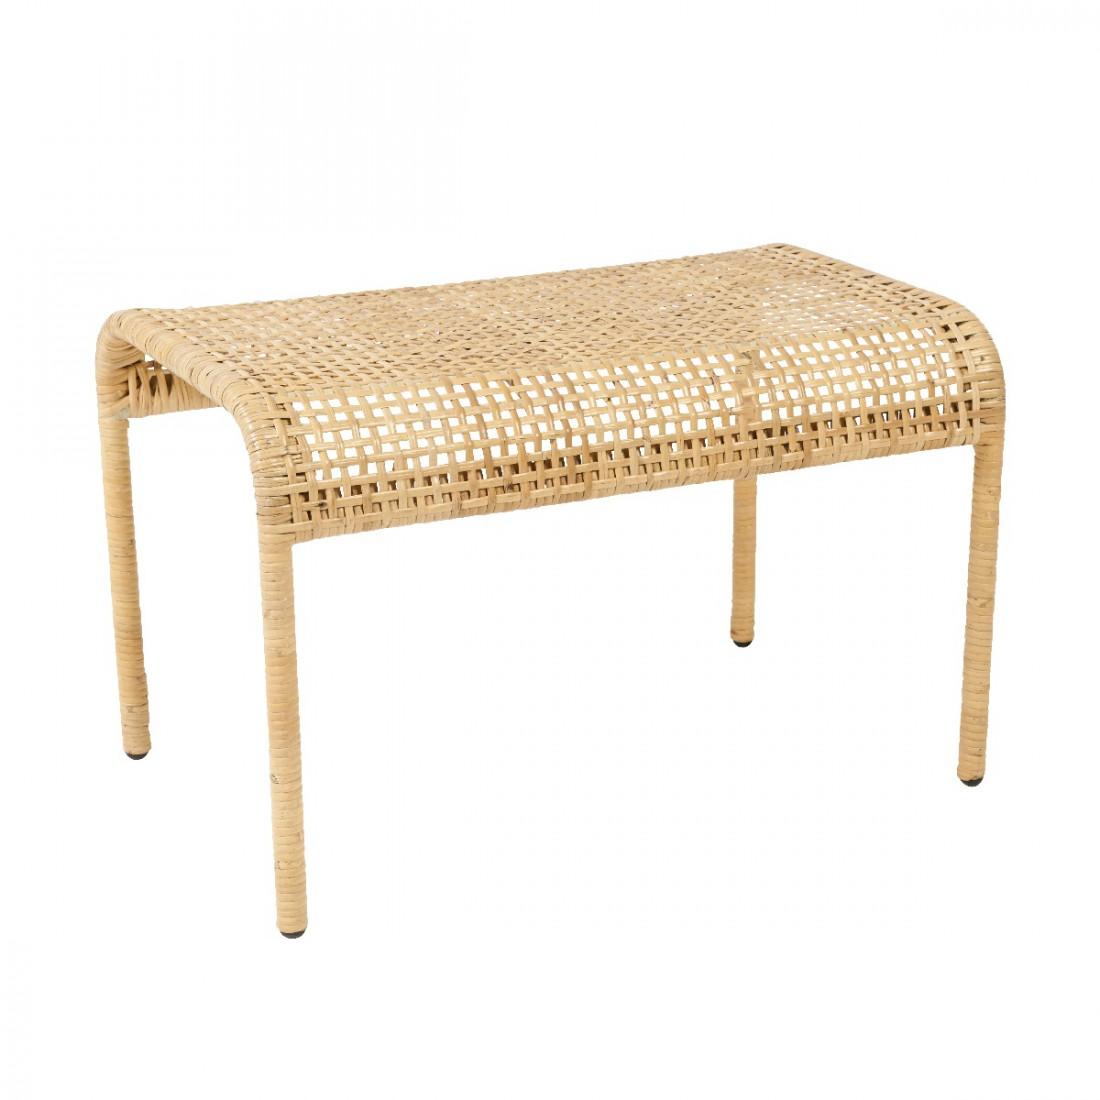 Kooboo Wicker Chair: Trinidad Rattan Footstool